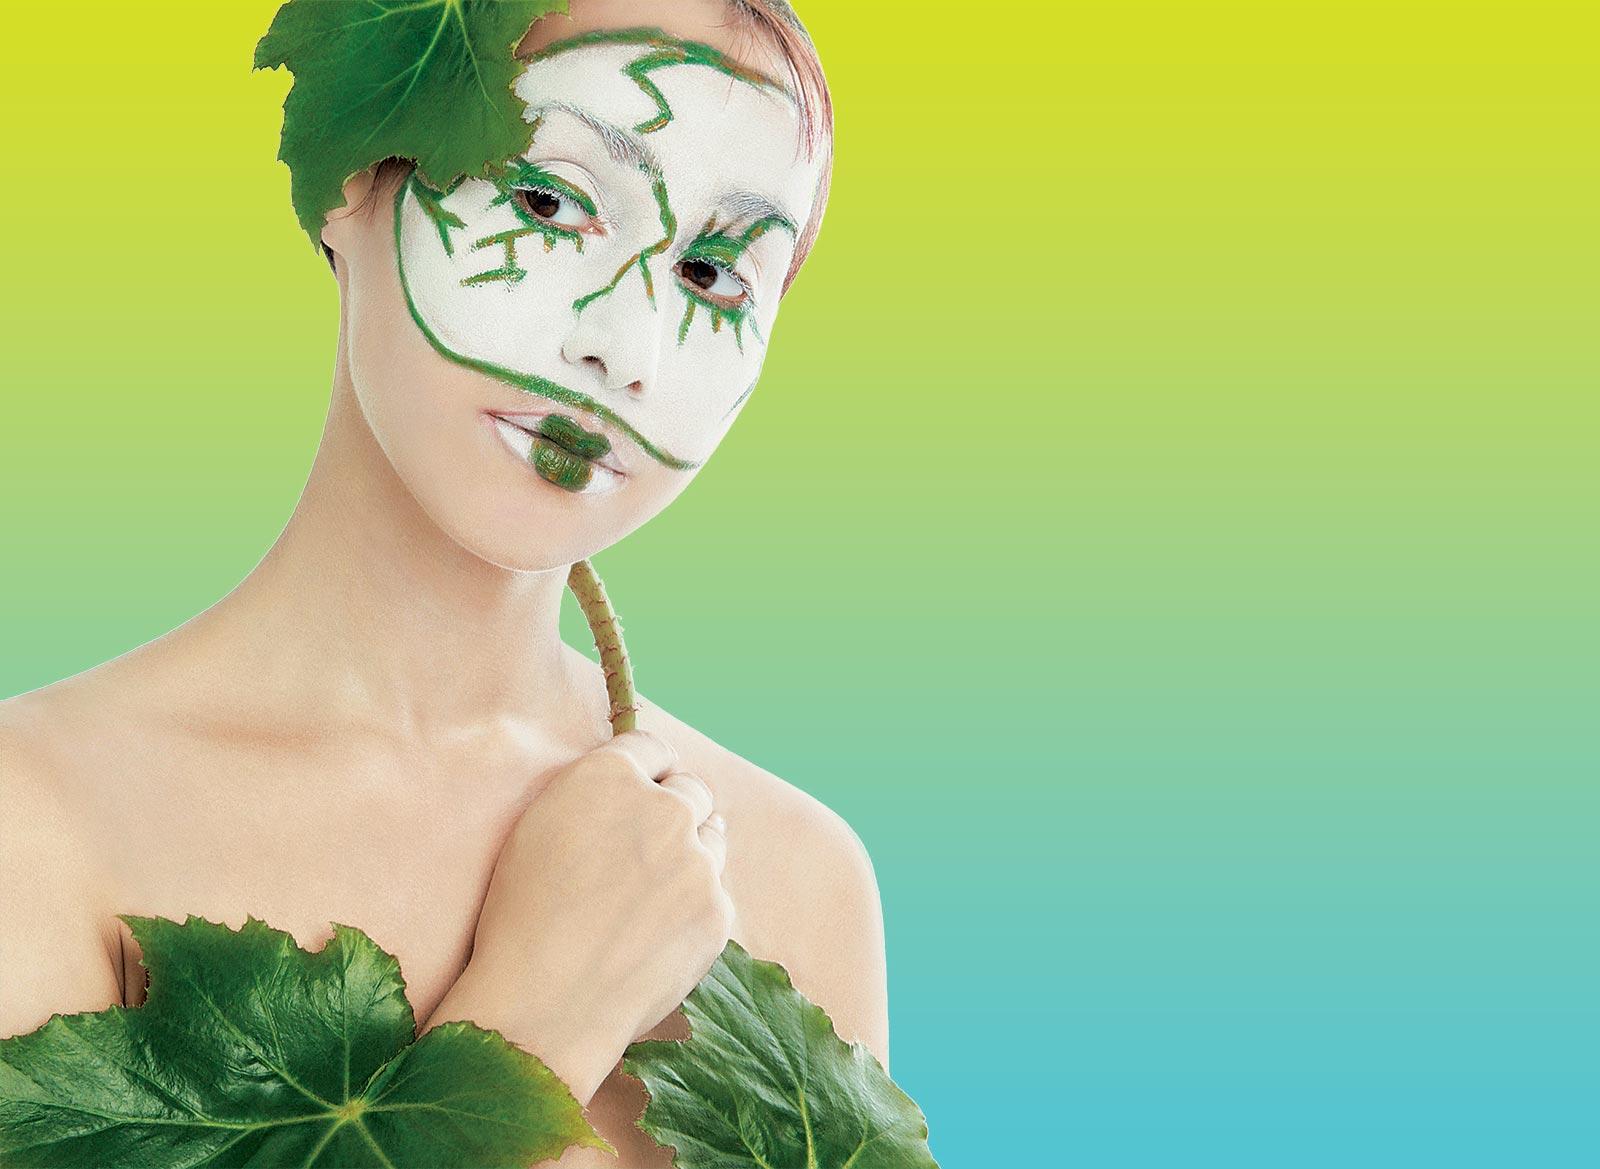 зеленая косметика картинки что каждой